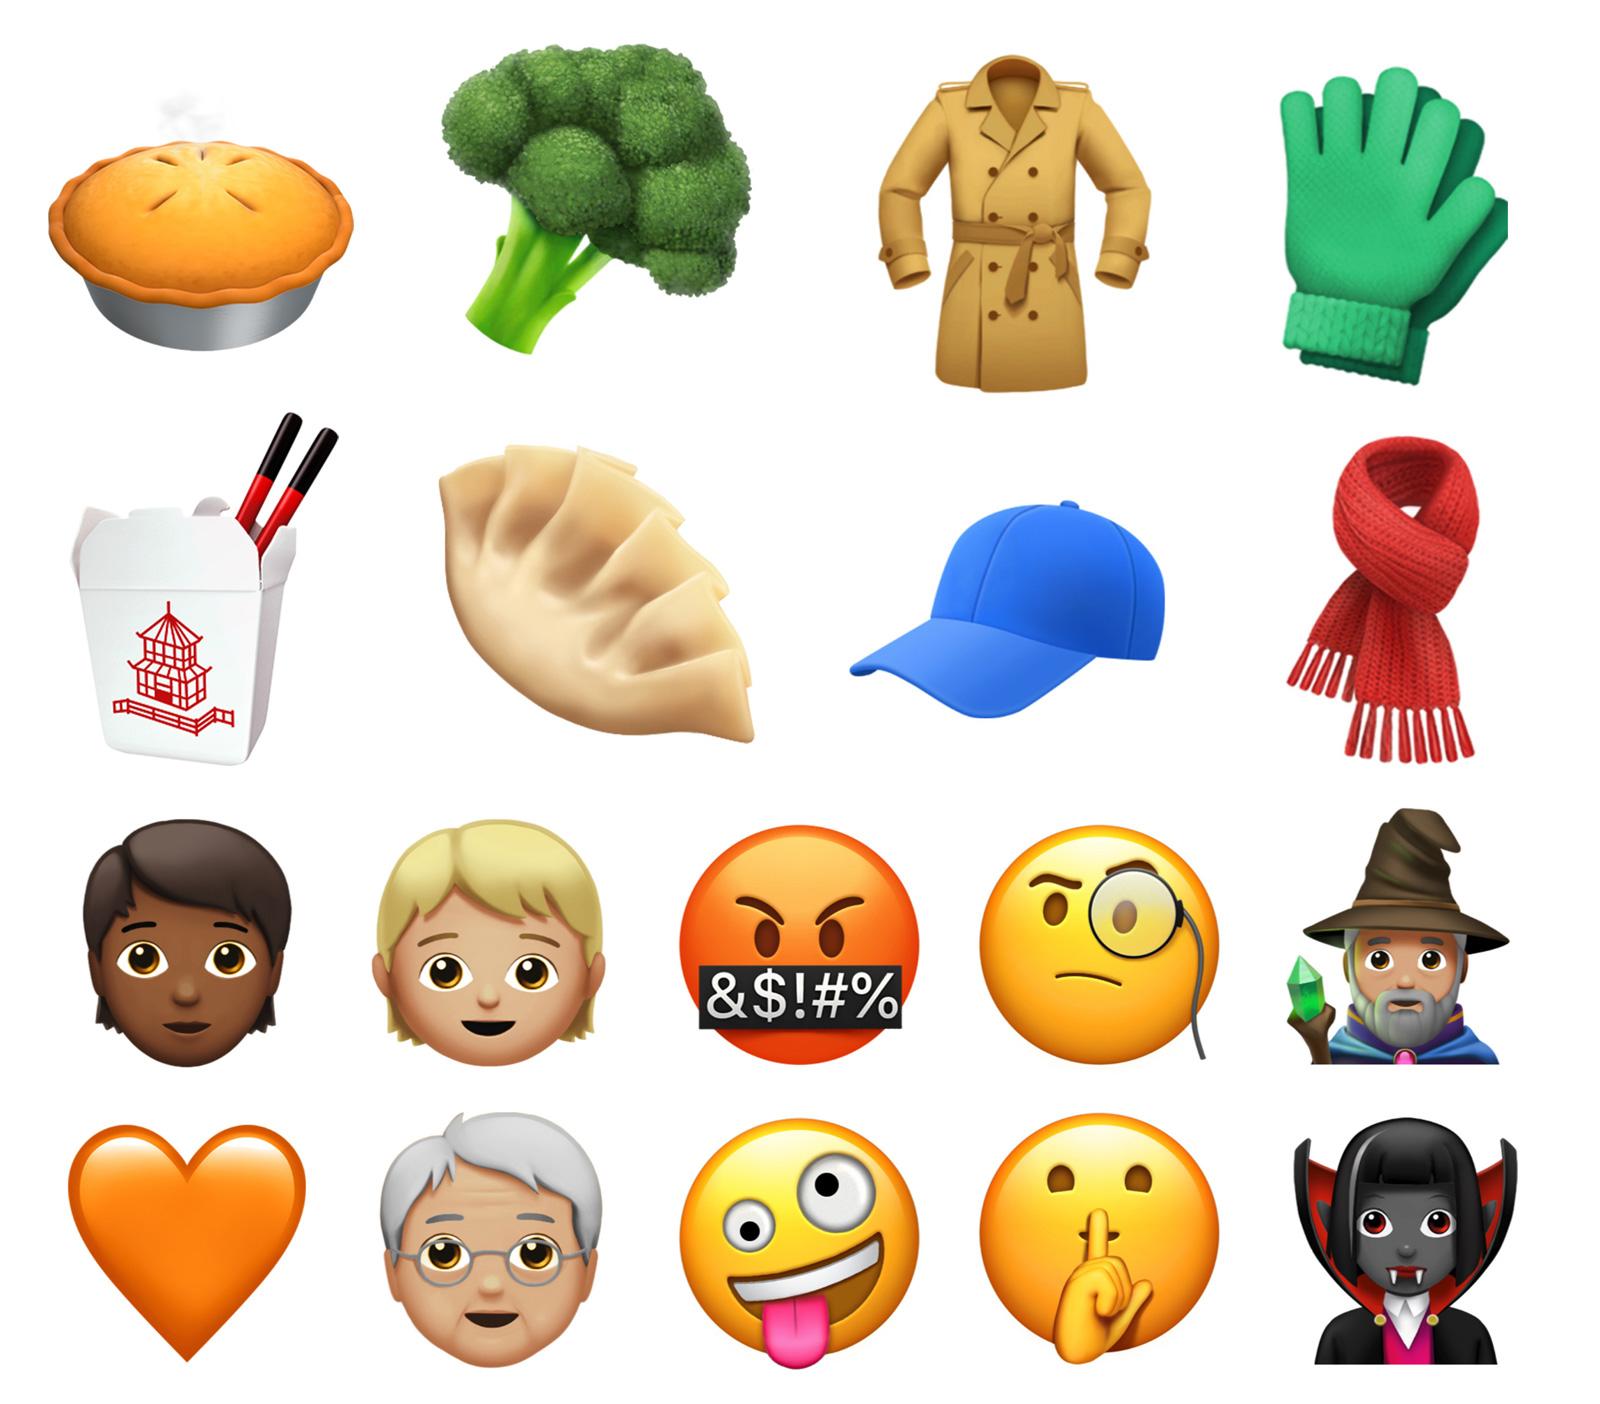 Nuevos emojis para iOS™ 11.1